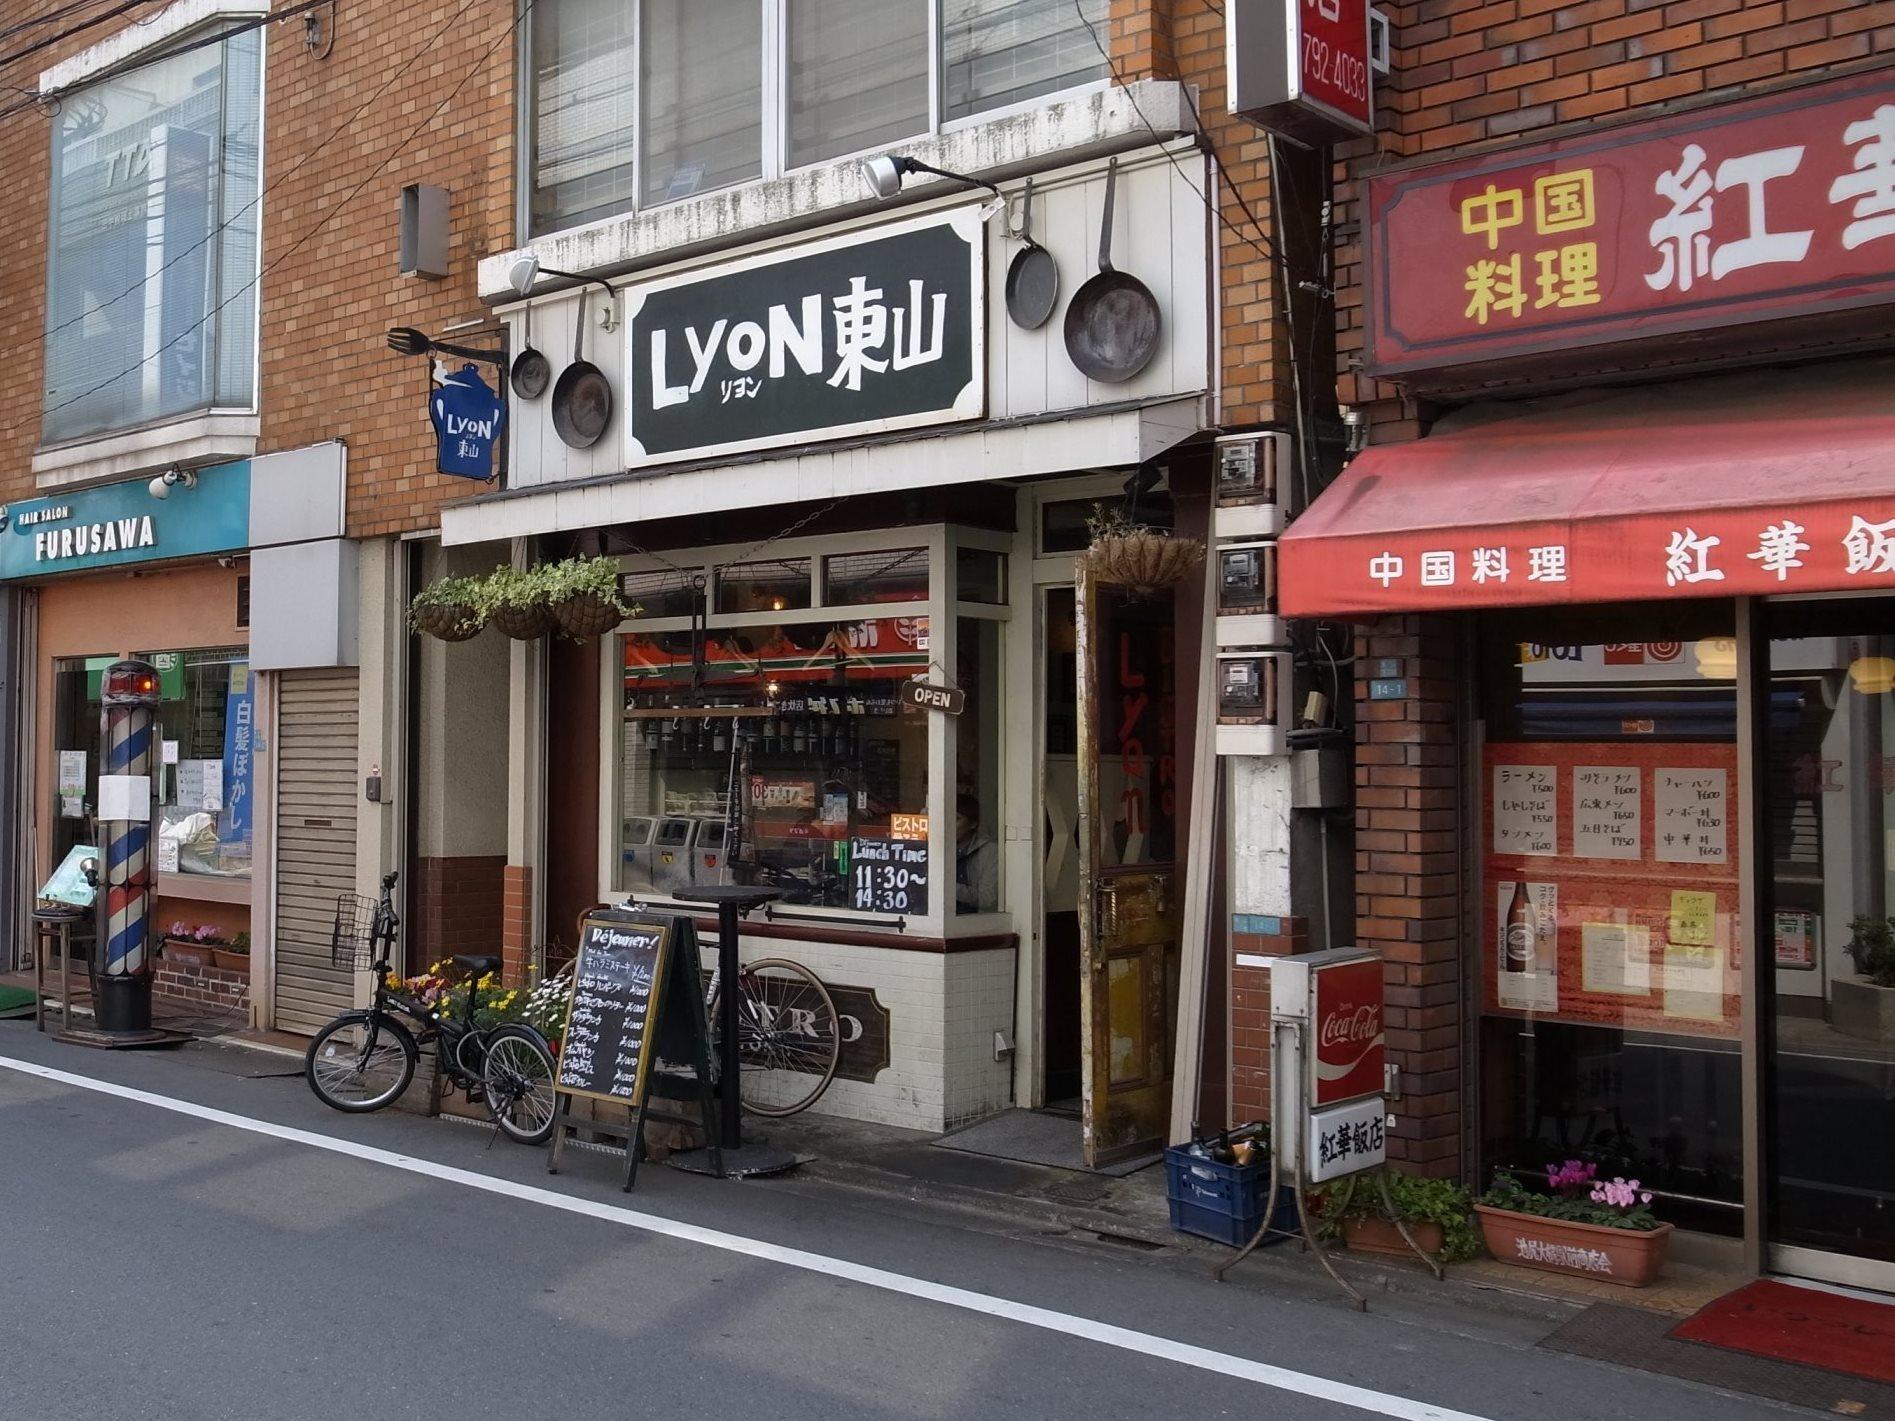 【閉店】久々に出会ったランチでオススメできるお店「ビストロリヨン」@池尻大橋